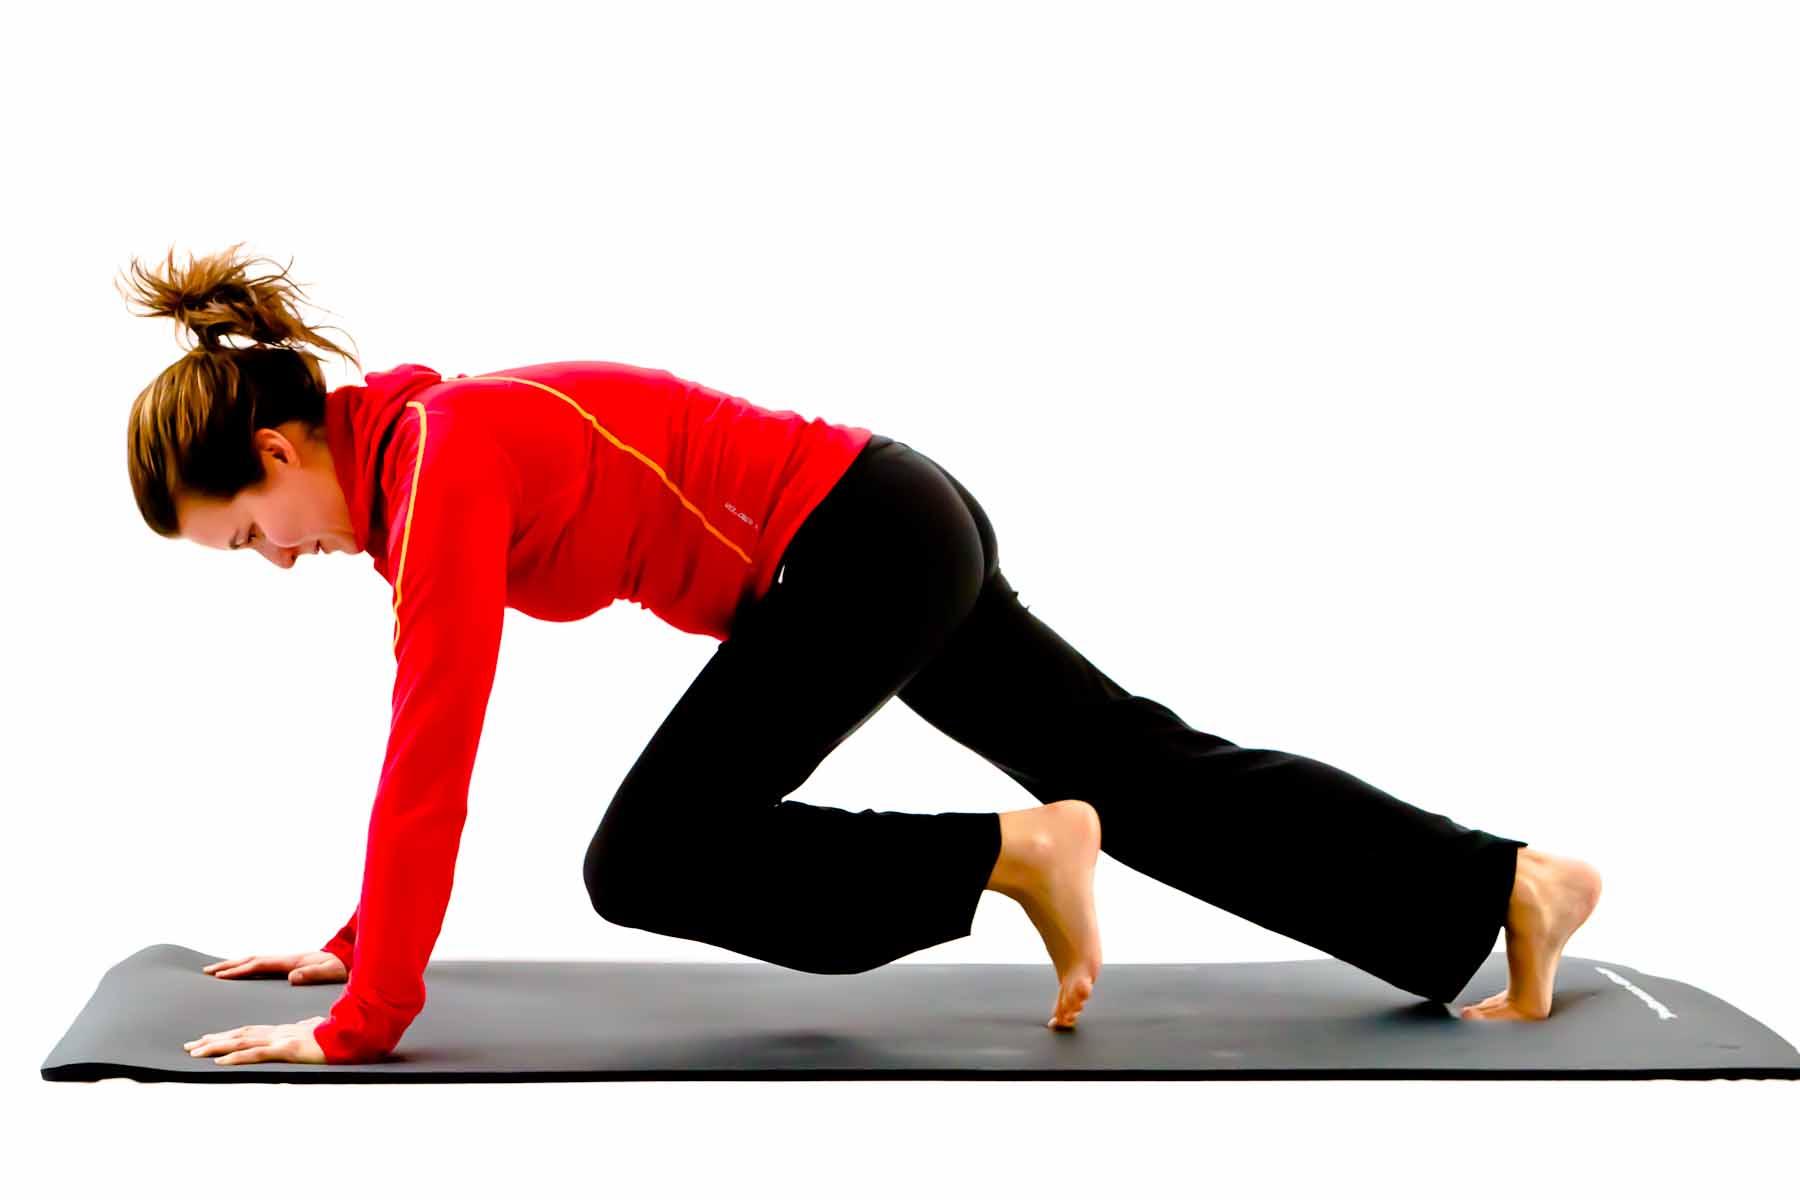 Cum poate deveni fitness-ul o placere II